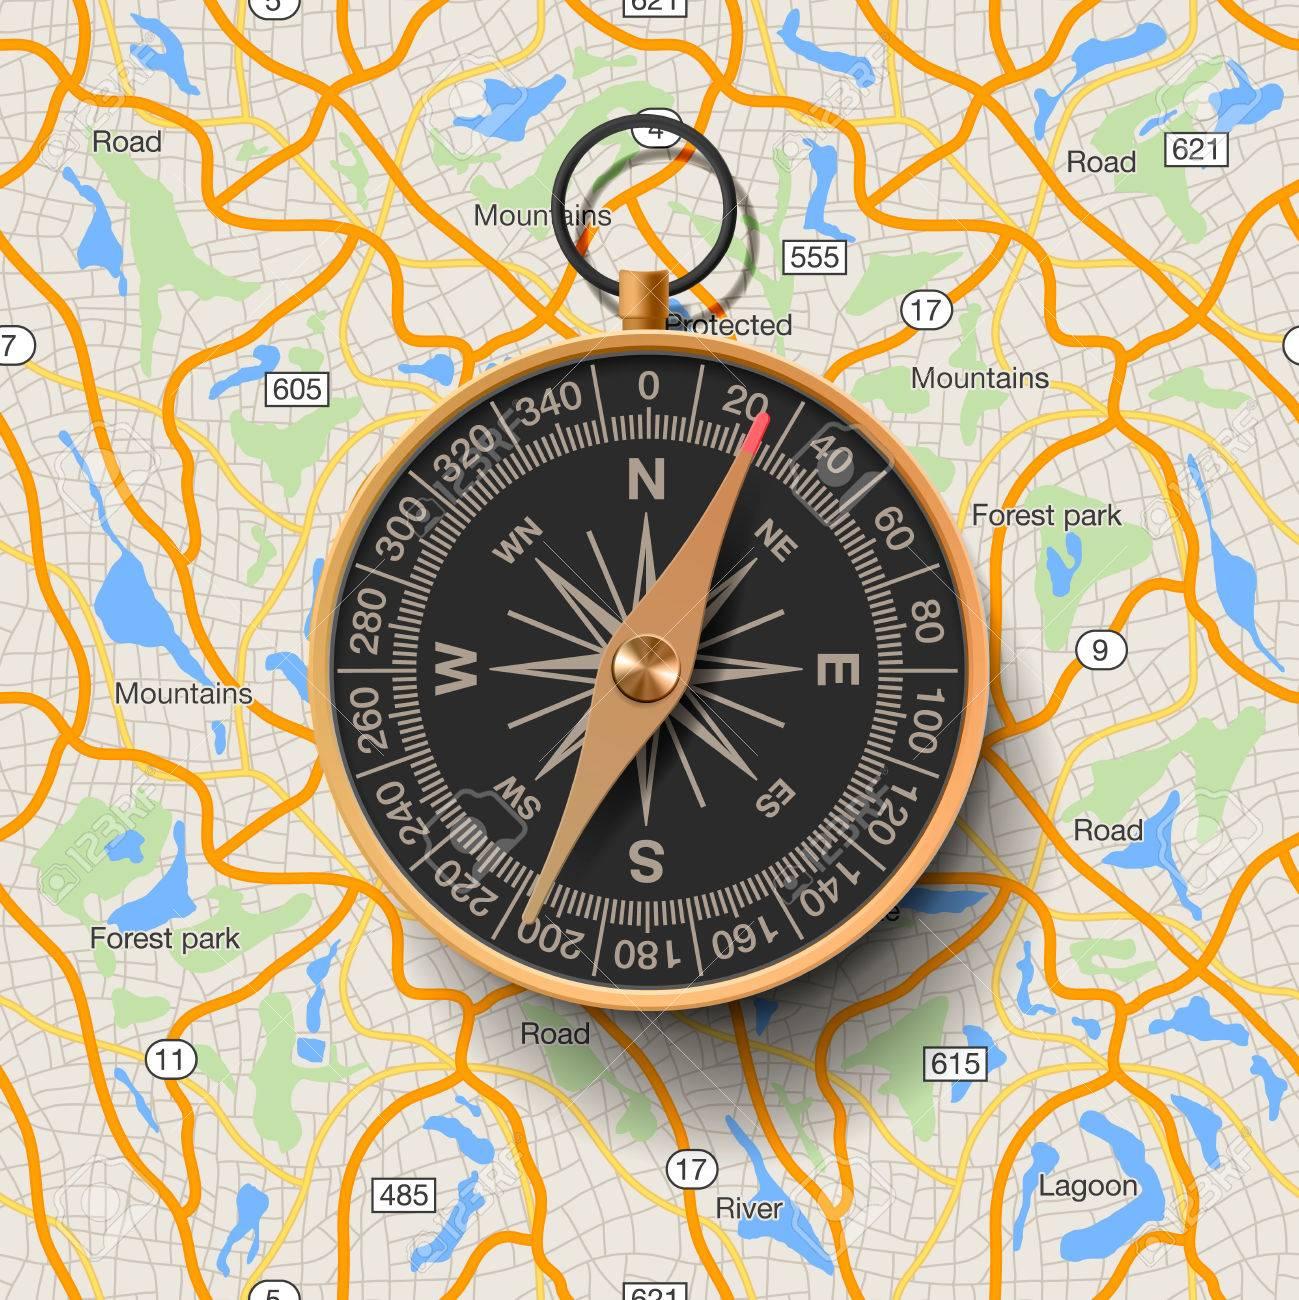 Alte Kompass auf der Karte Hintergrund Vektor-Illustration. Standard-Bild - 38860282